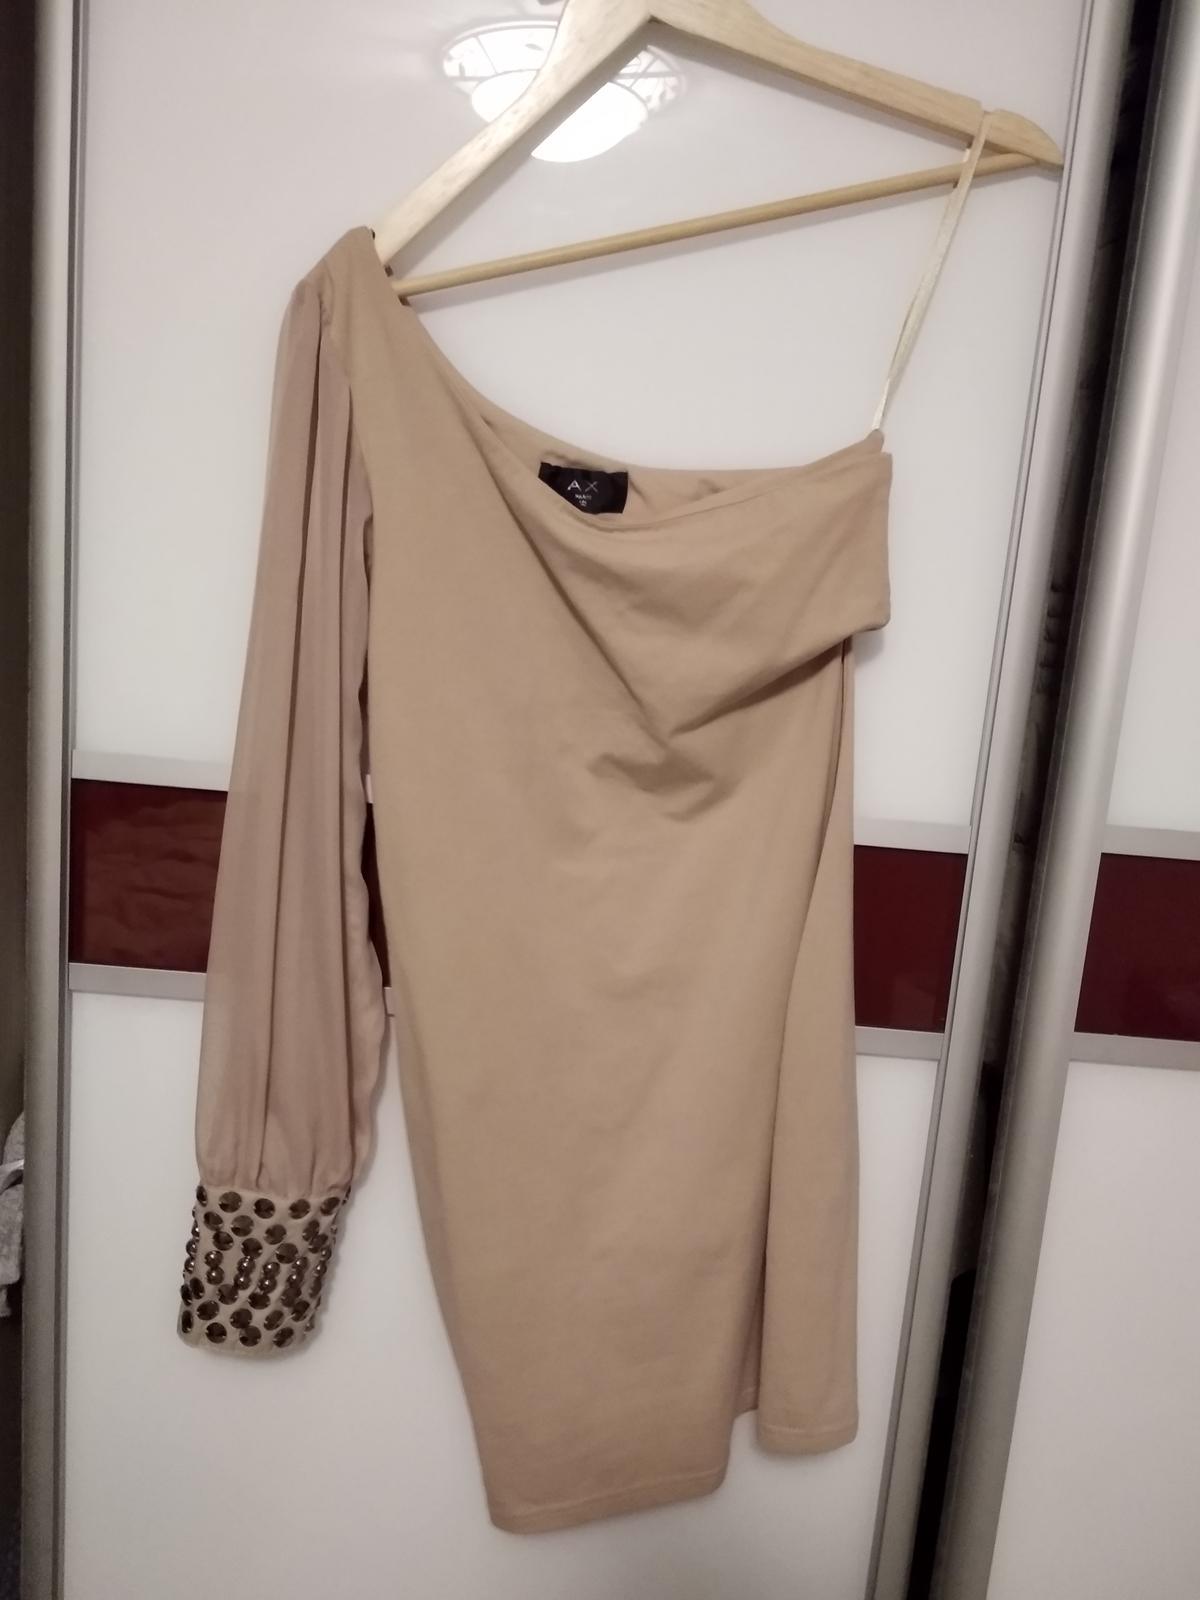 Elasticke elagantne šaty 38/40 - Obrázok č. 1